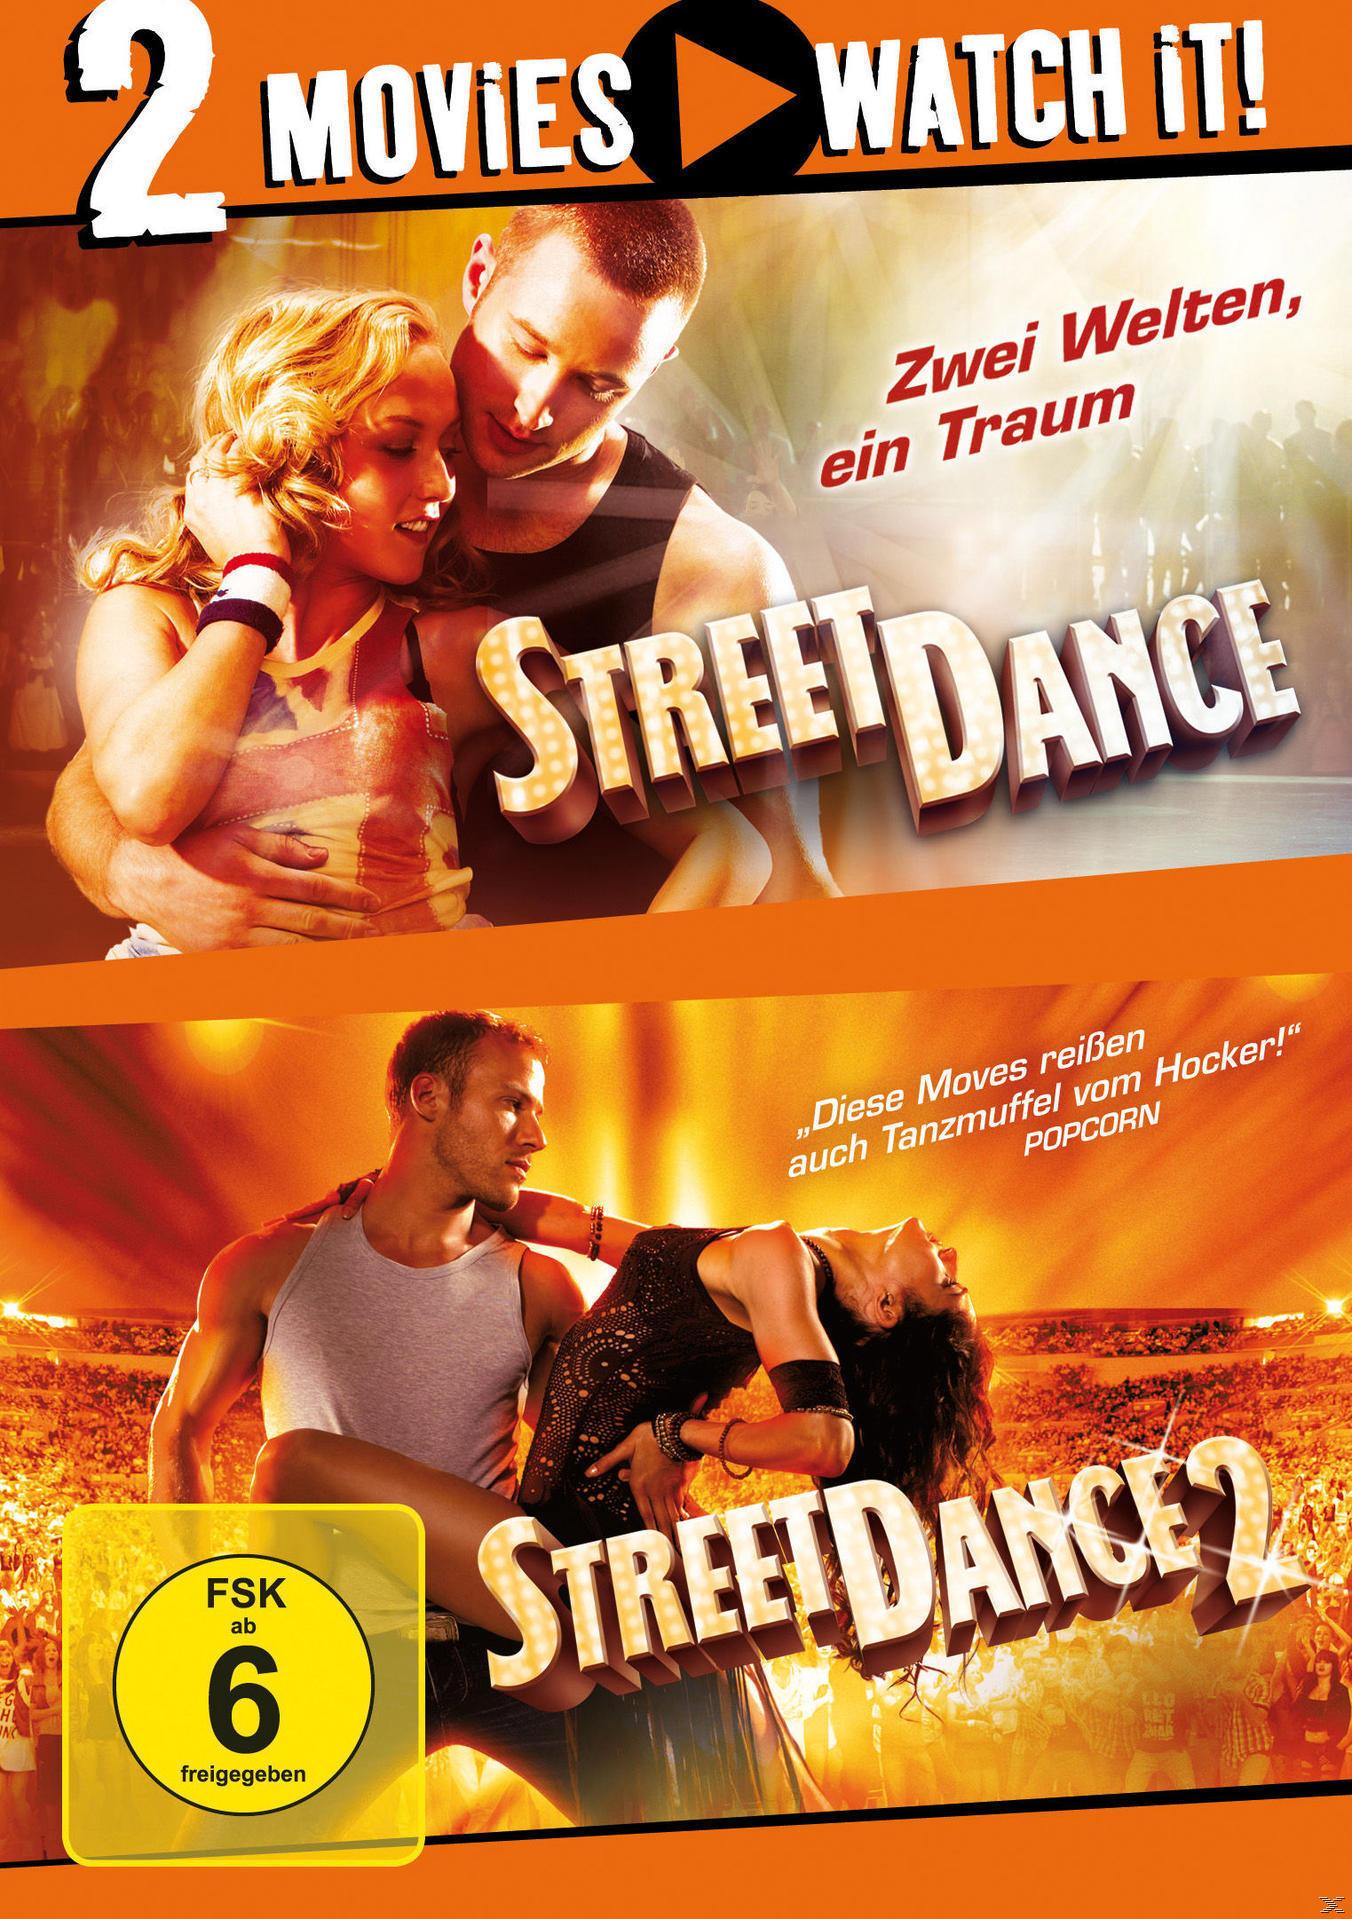 StreetDance 1 & 2 DVD-Box (DVD) für 9,99 Euro